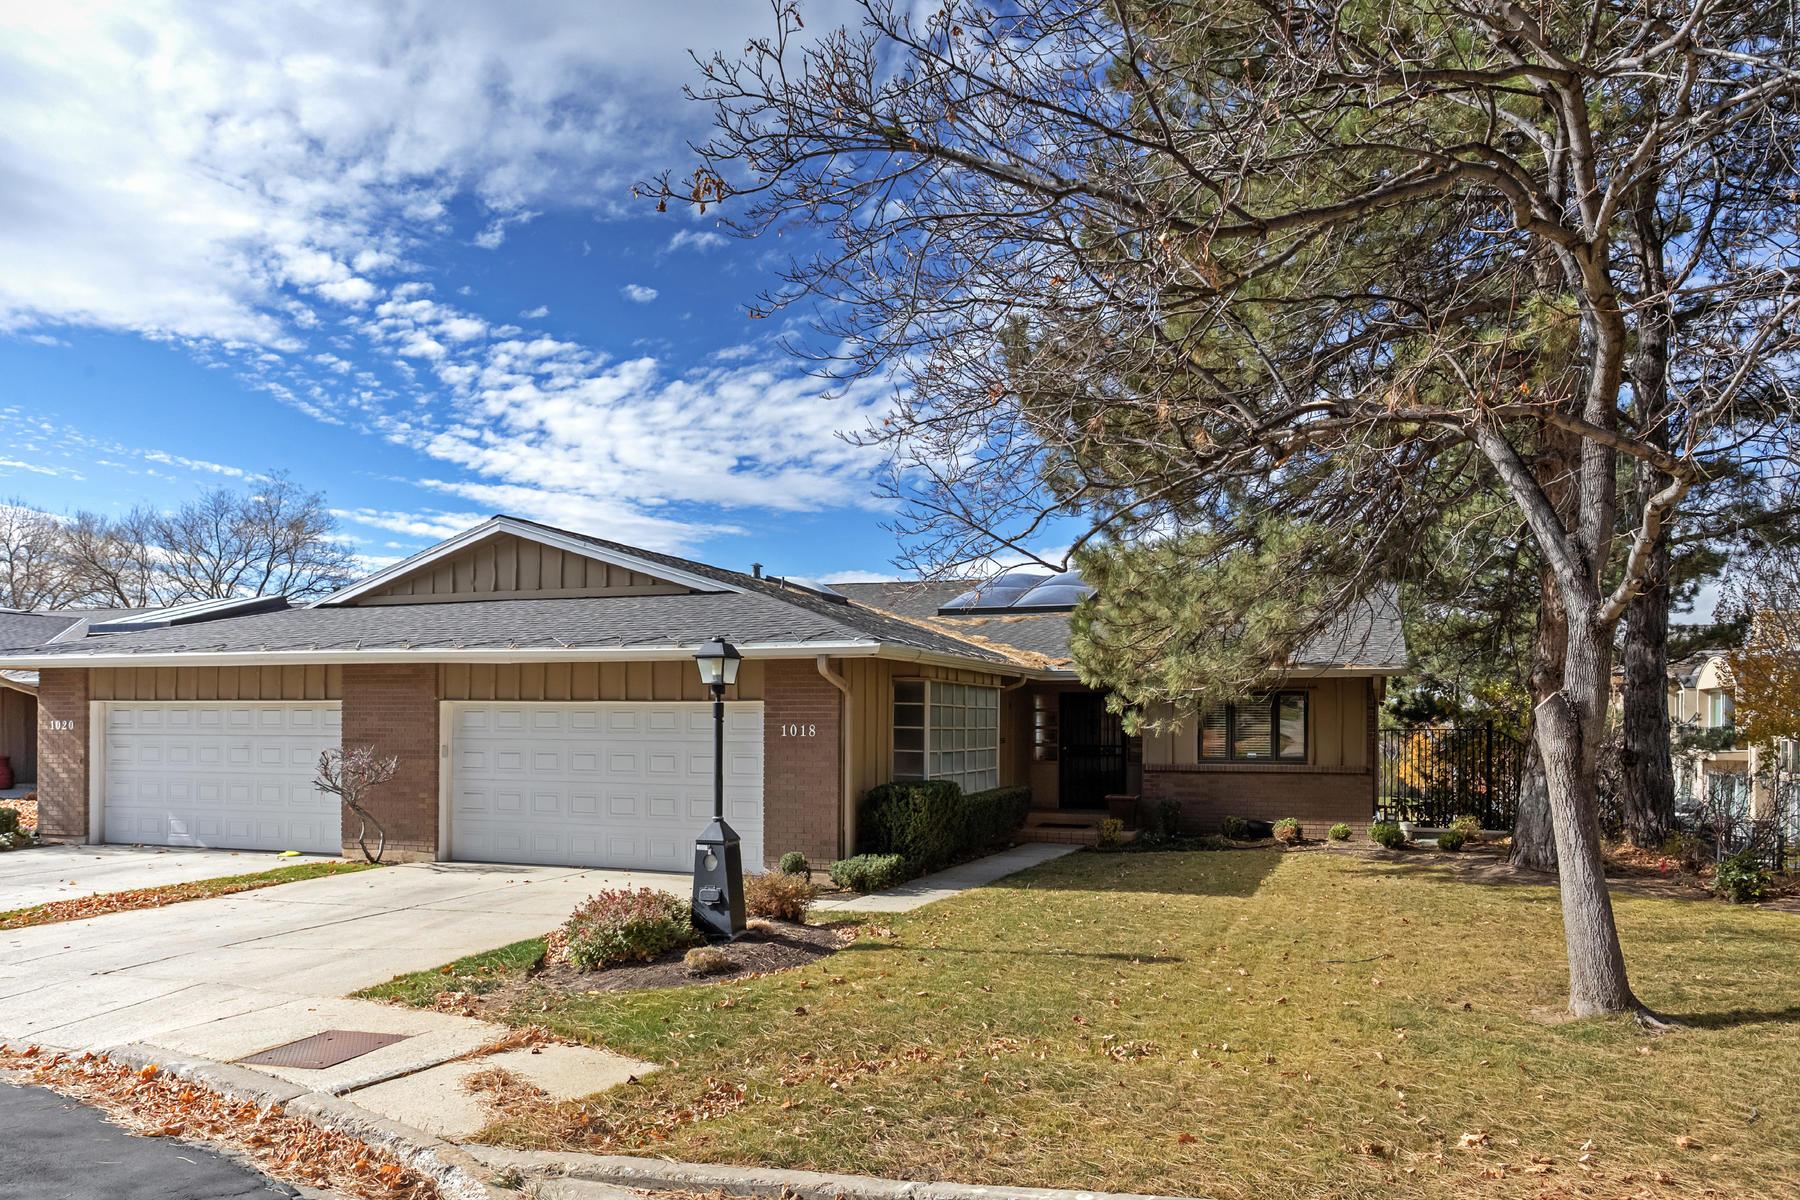 Appartement en copropriété pour l Vente à Bonneville Golf Course Condo 1018 S Oak Hills Way, Salt Lake City, Utah, 84108 États-Unis